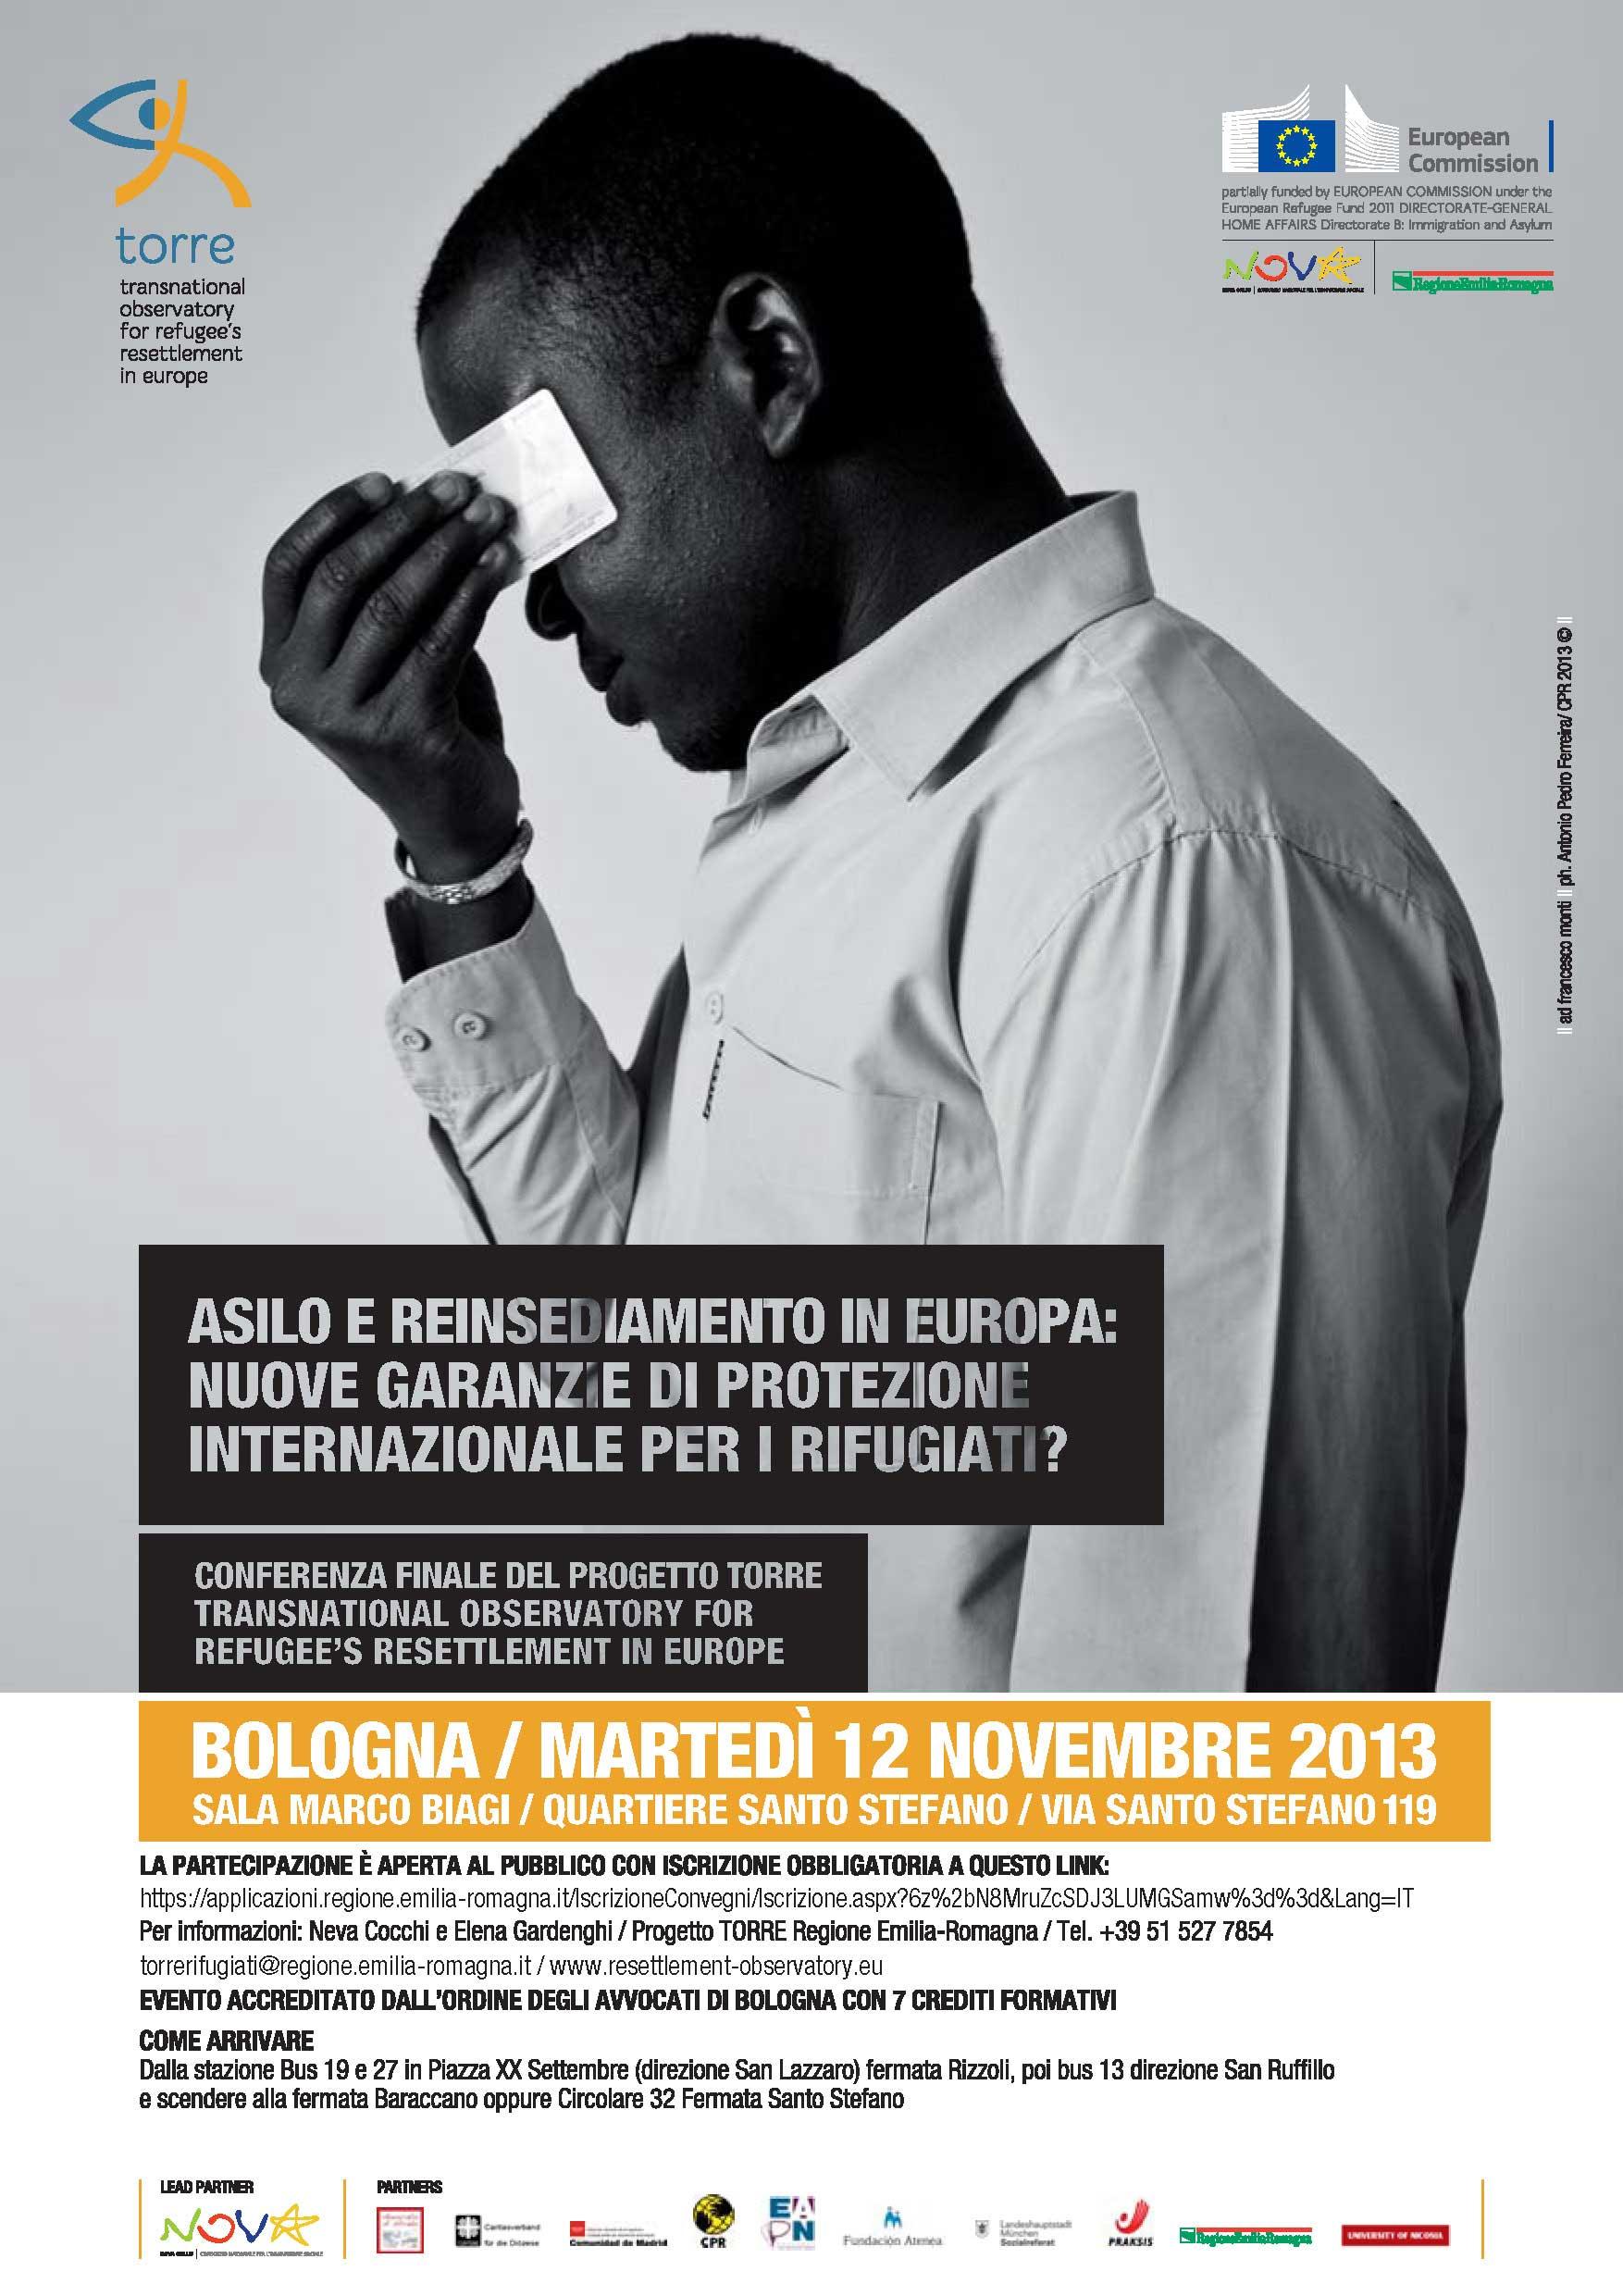 12.11.13-Asilo-e-reinsediamento-in-Europa_Pagina_1